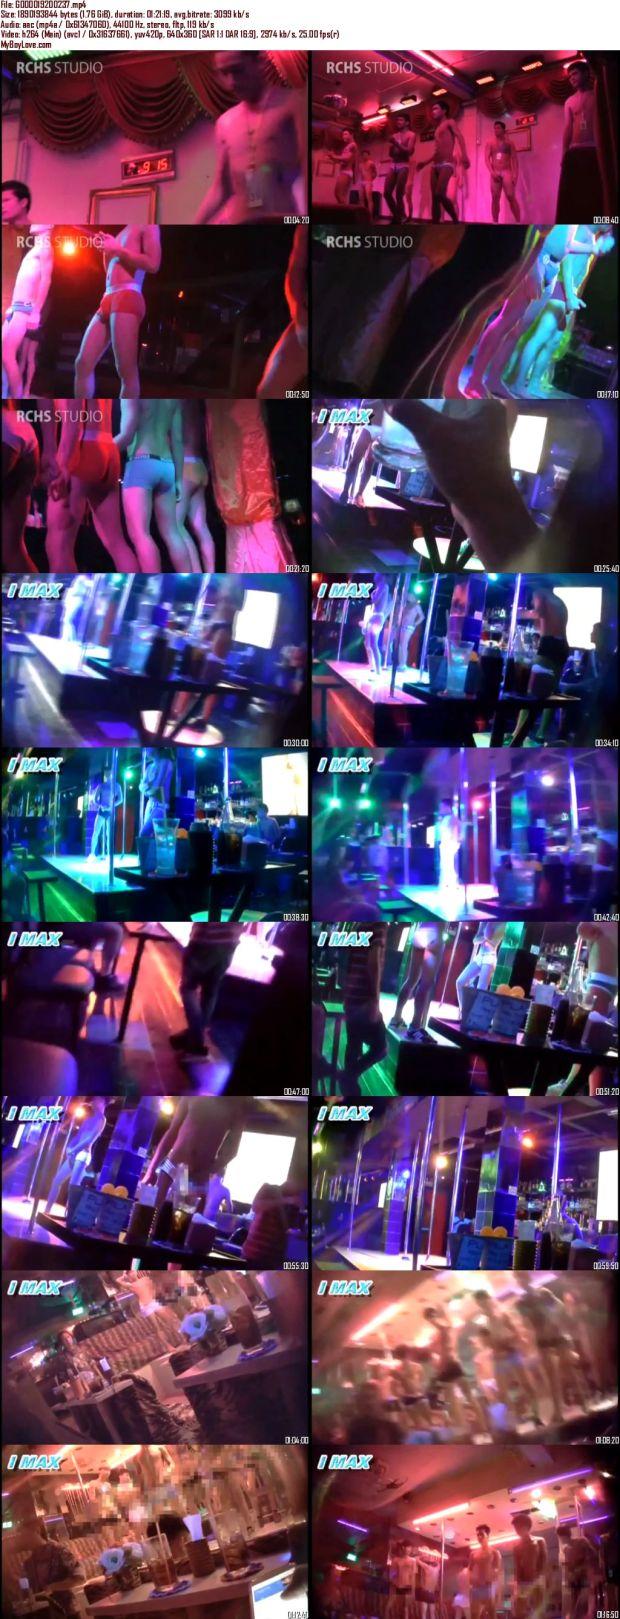 Rchs Studio – 少年たちの売春 2 [タイの闇] The 東南アジア密着ドキュメンタリー